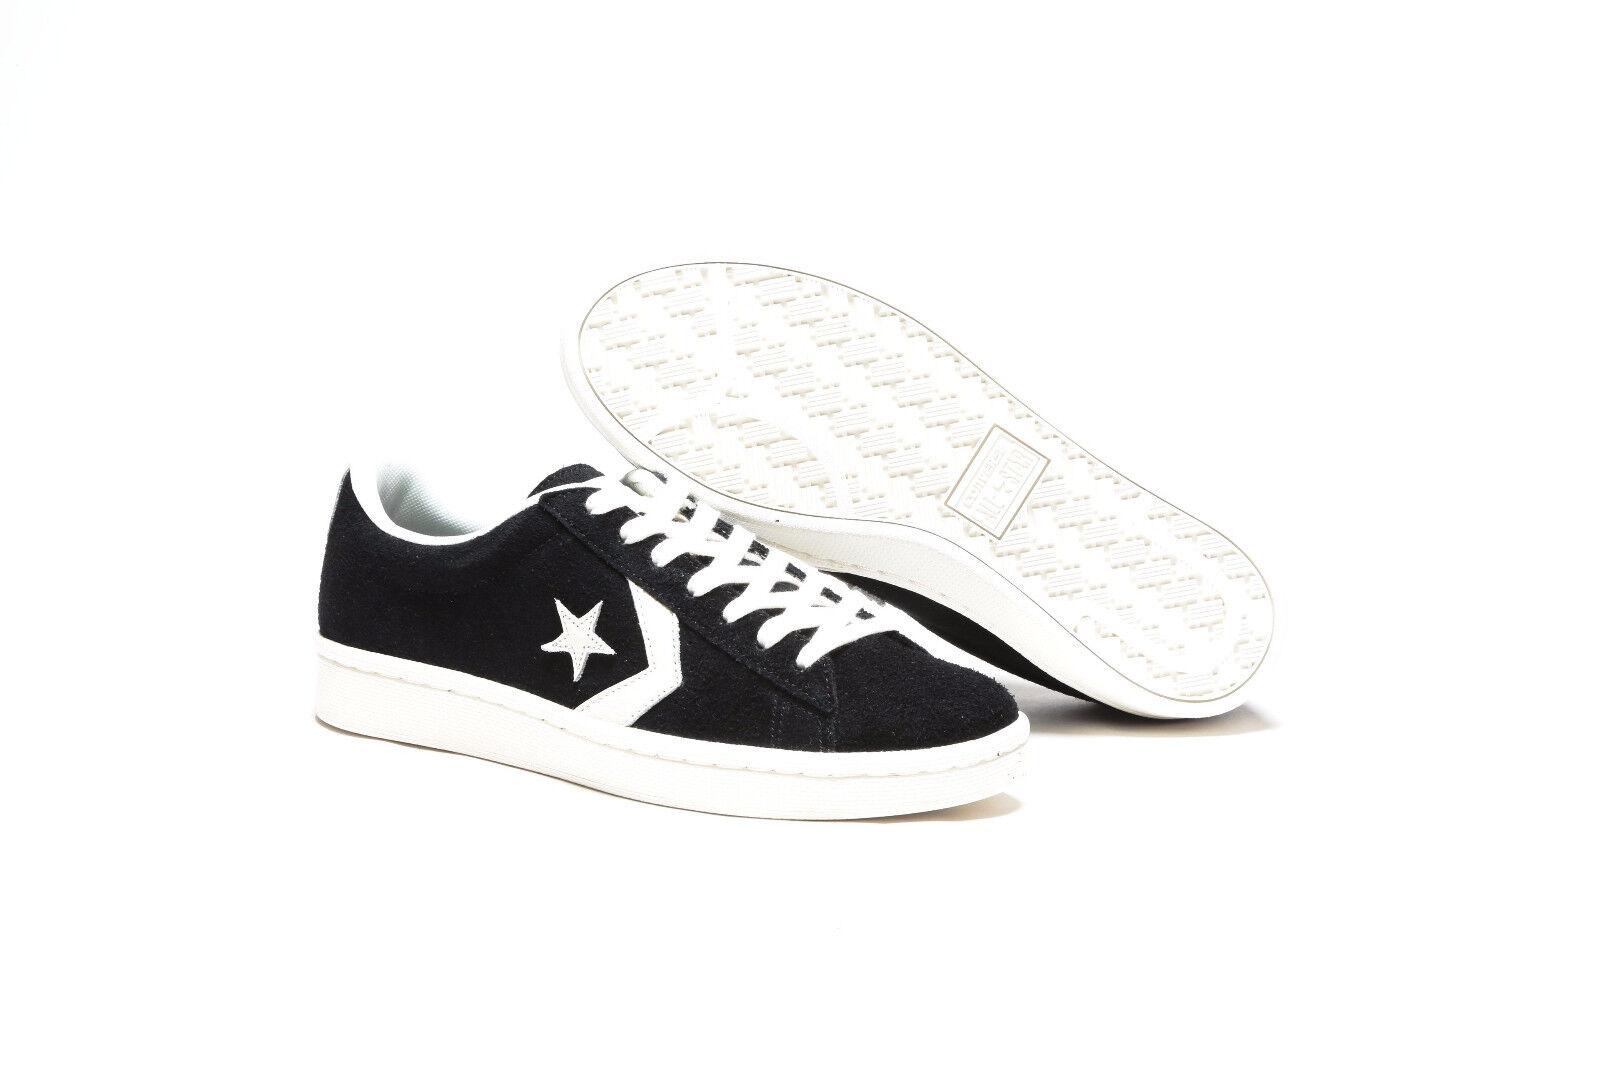 Converse Herren Pro Leder 76 OX NEU Retro Herren Converse Sneaker vintage skate schwarz 030ce7